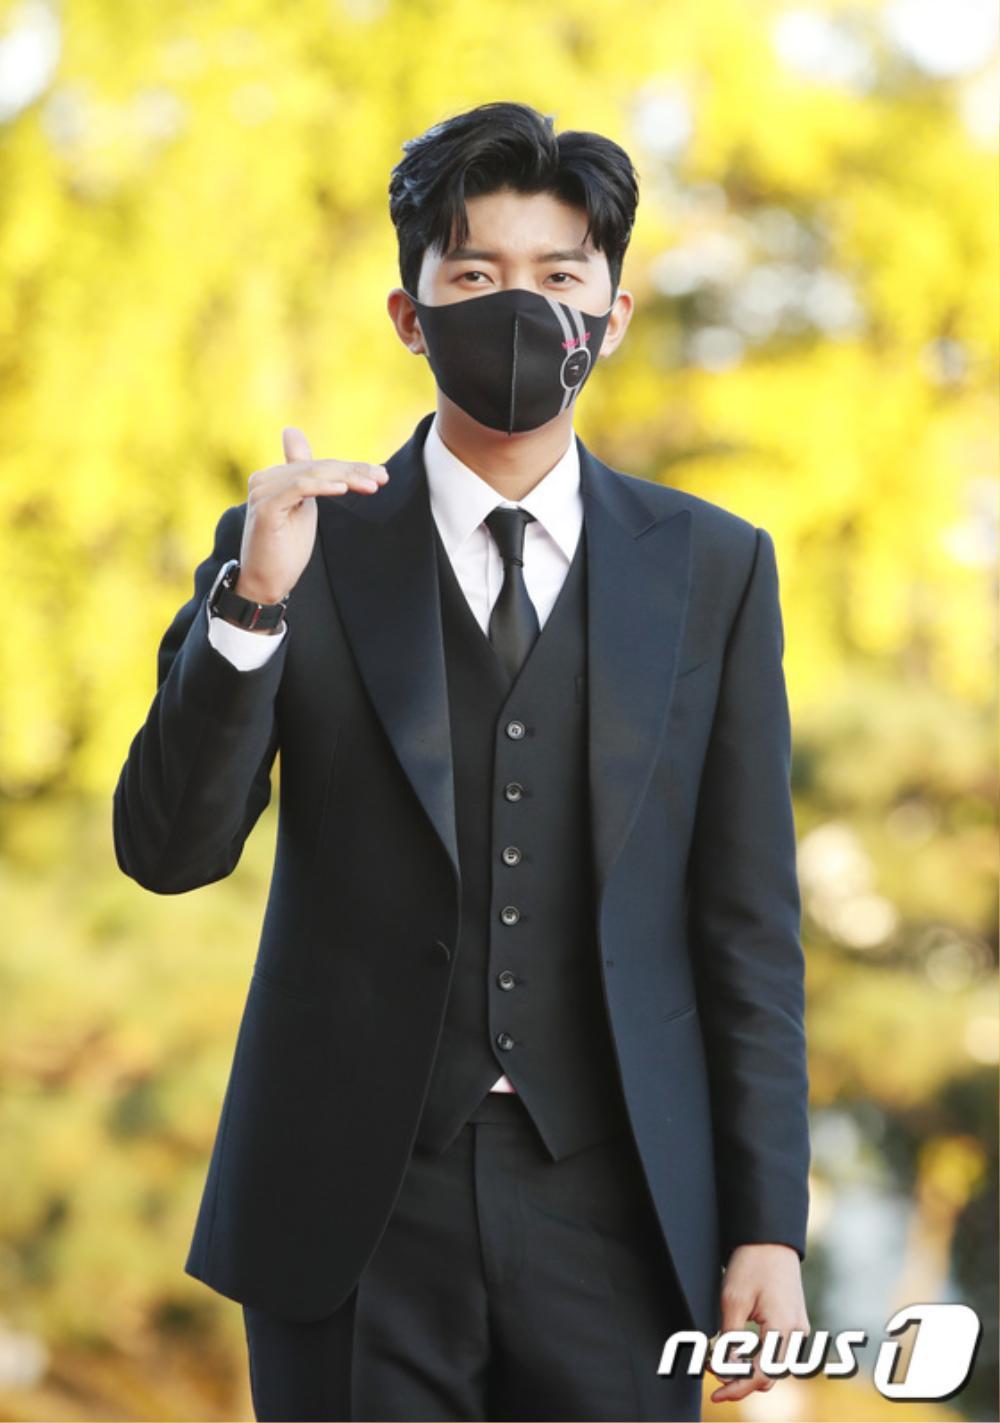 Thảm đỏ hot nhất Hàn Quốc: SEVENTEEN cùng Hyun Bin, Gong Hyo Jin, Kim Hee Ae và Kang Ha Neul gây sốt Ảnh 37